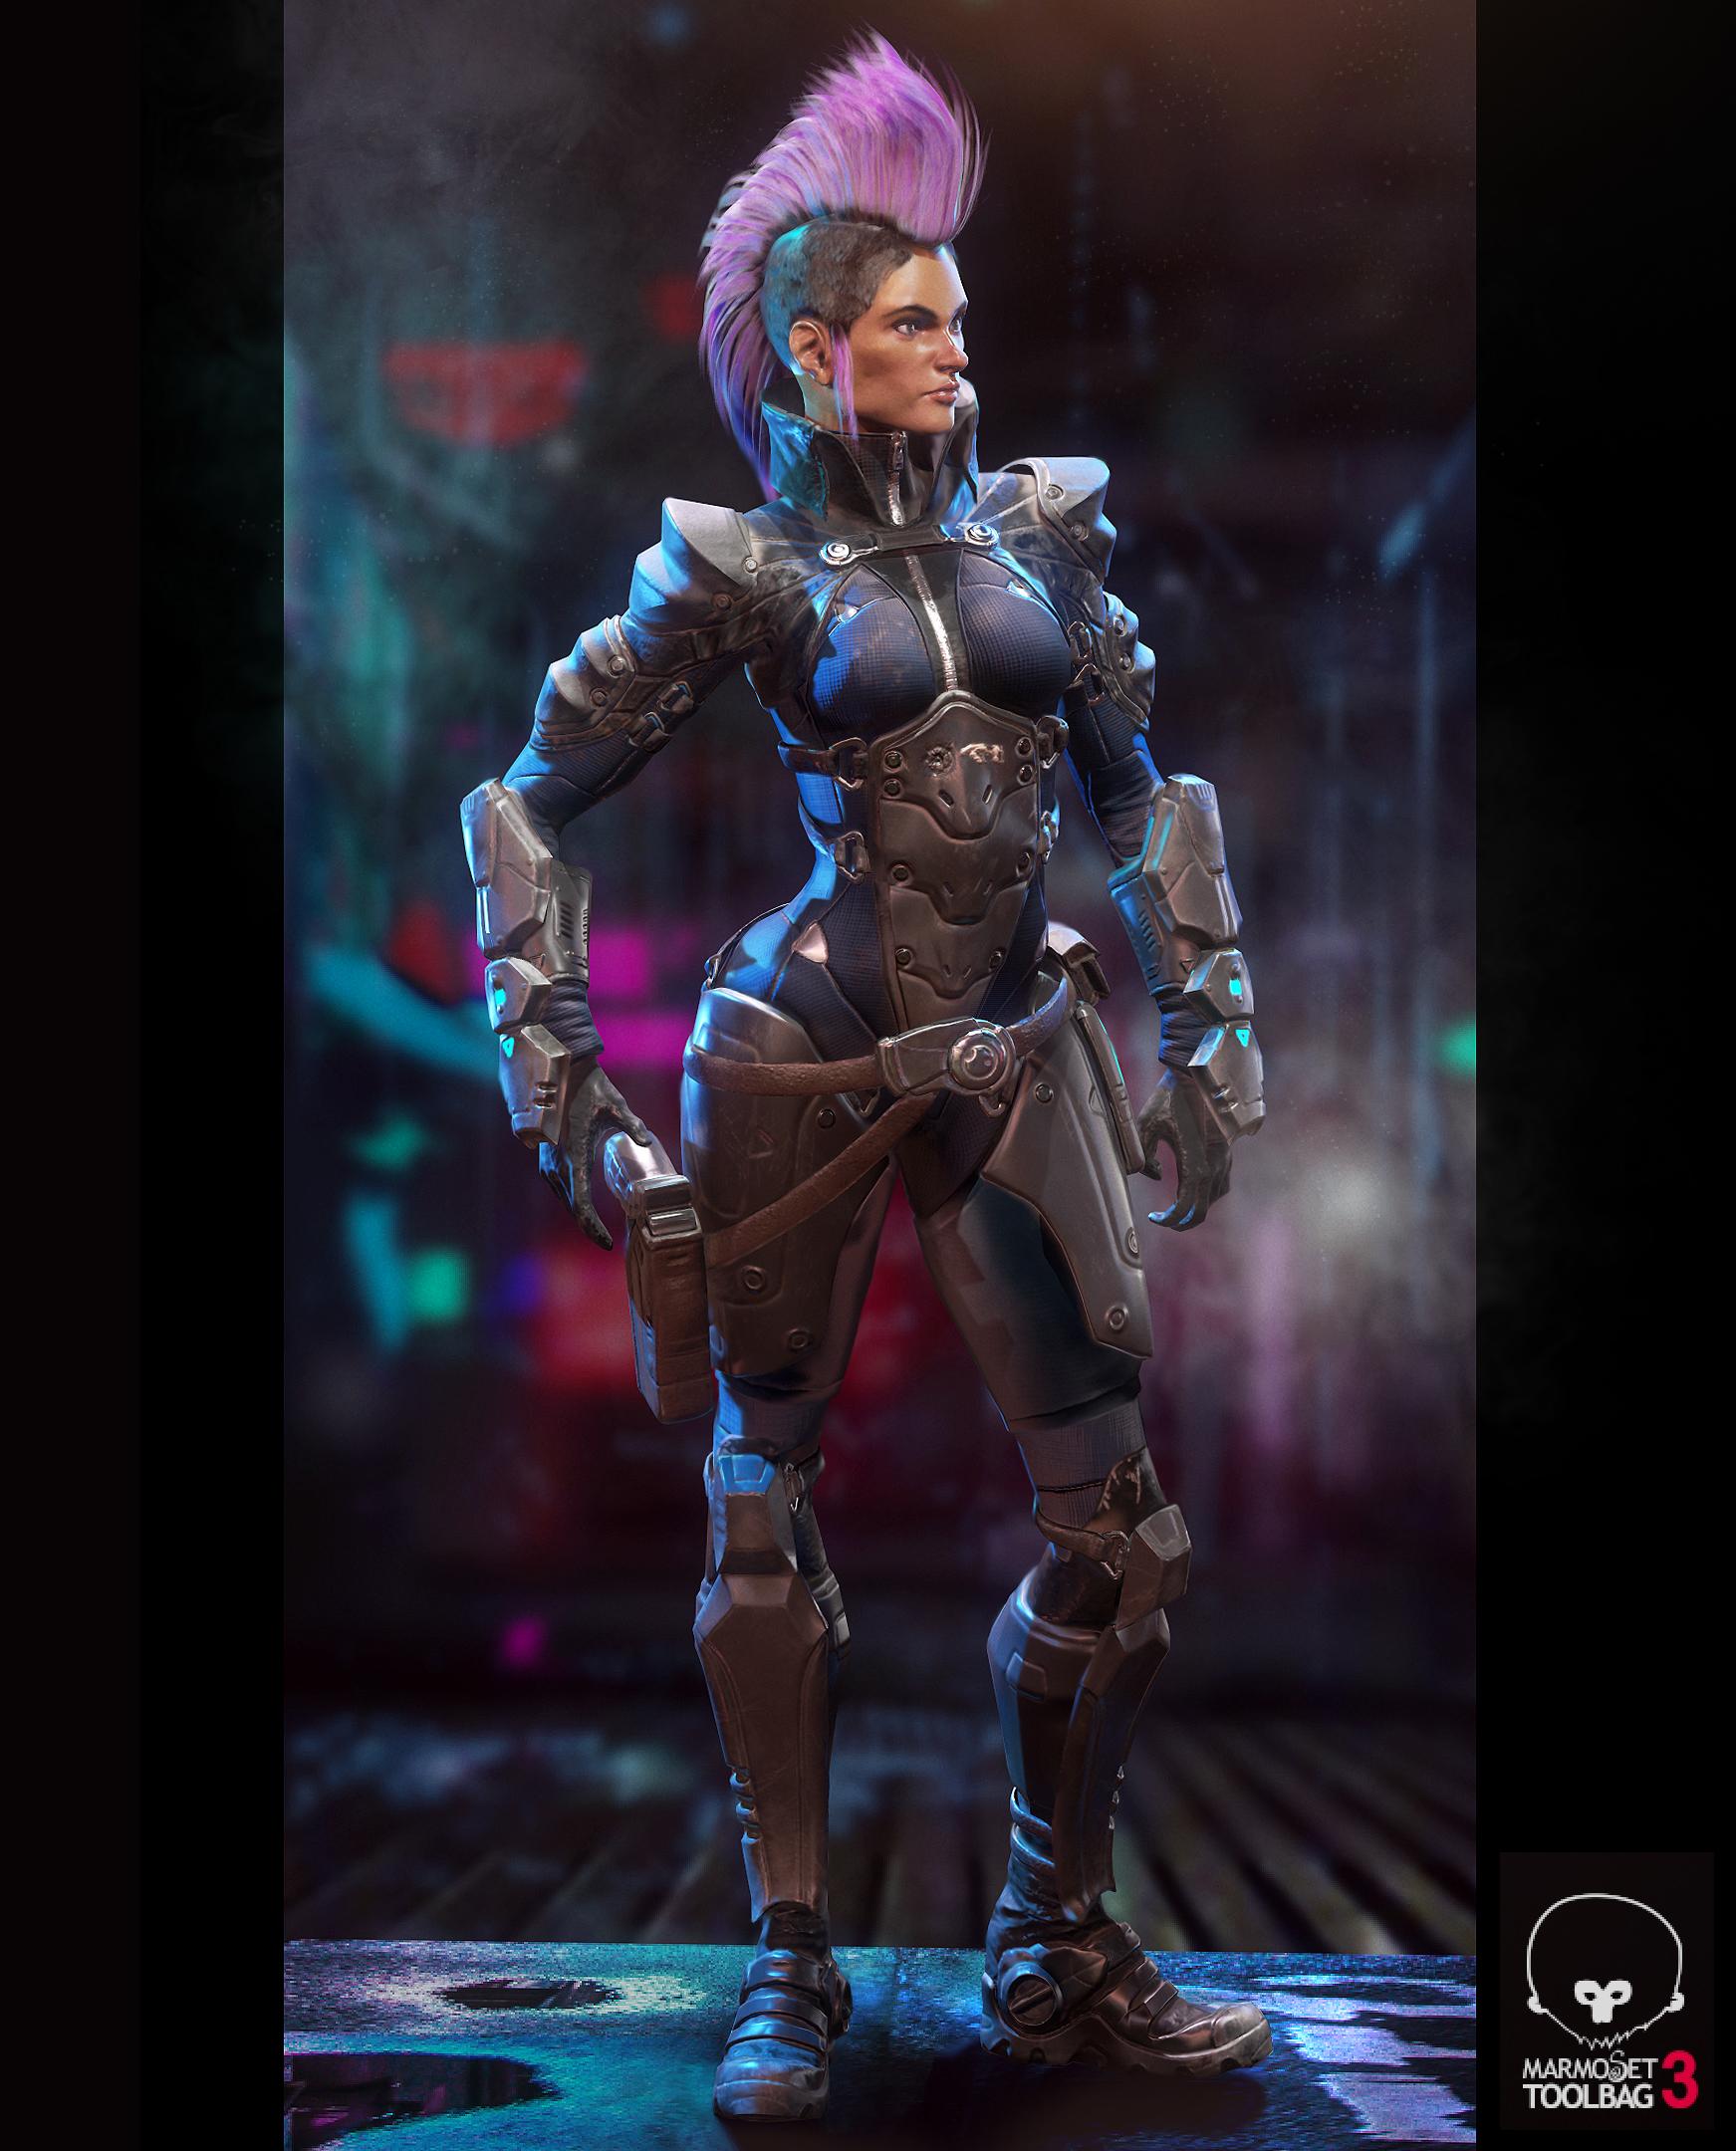 Futurepunk female gunfighter 3d game resolution by jubjubjedi on deviantart - Gunfighter wallpaper ...